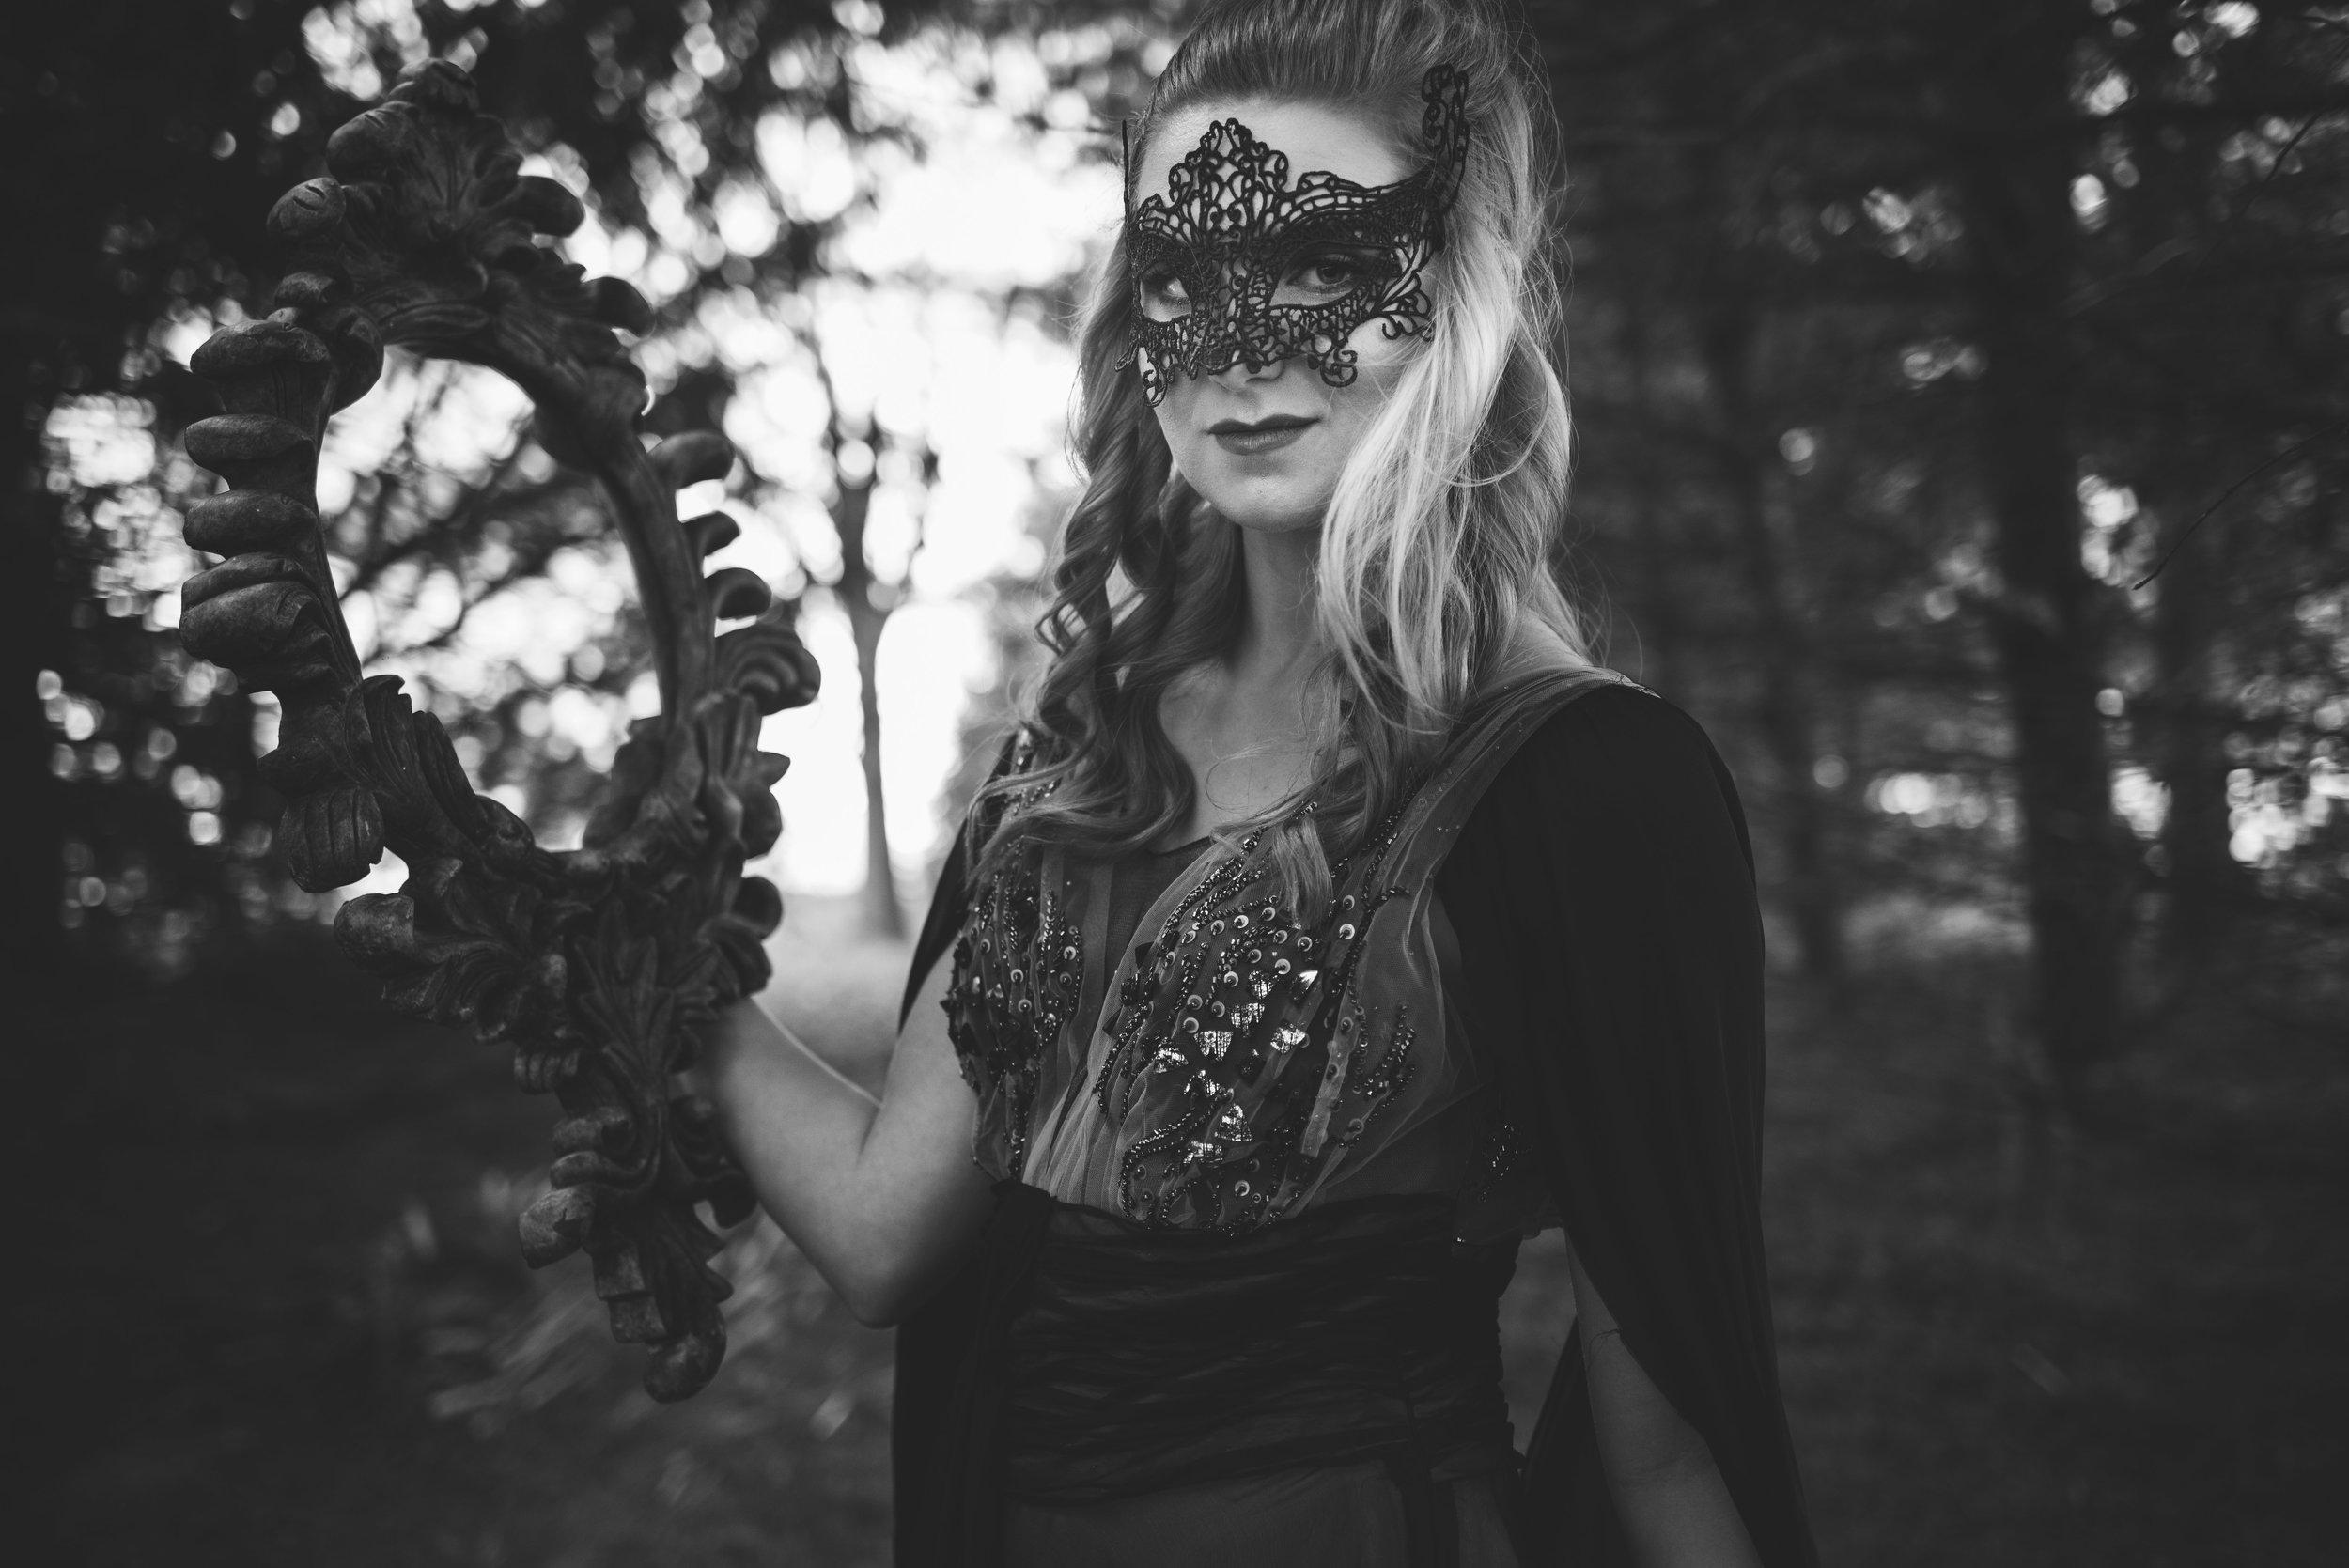 toledo model themed photo shoot black dress holloween-5.jpg